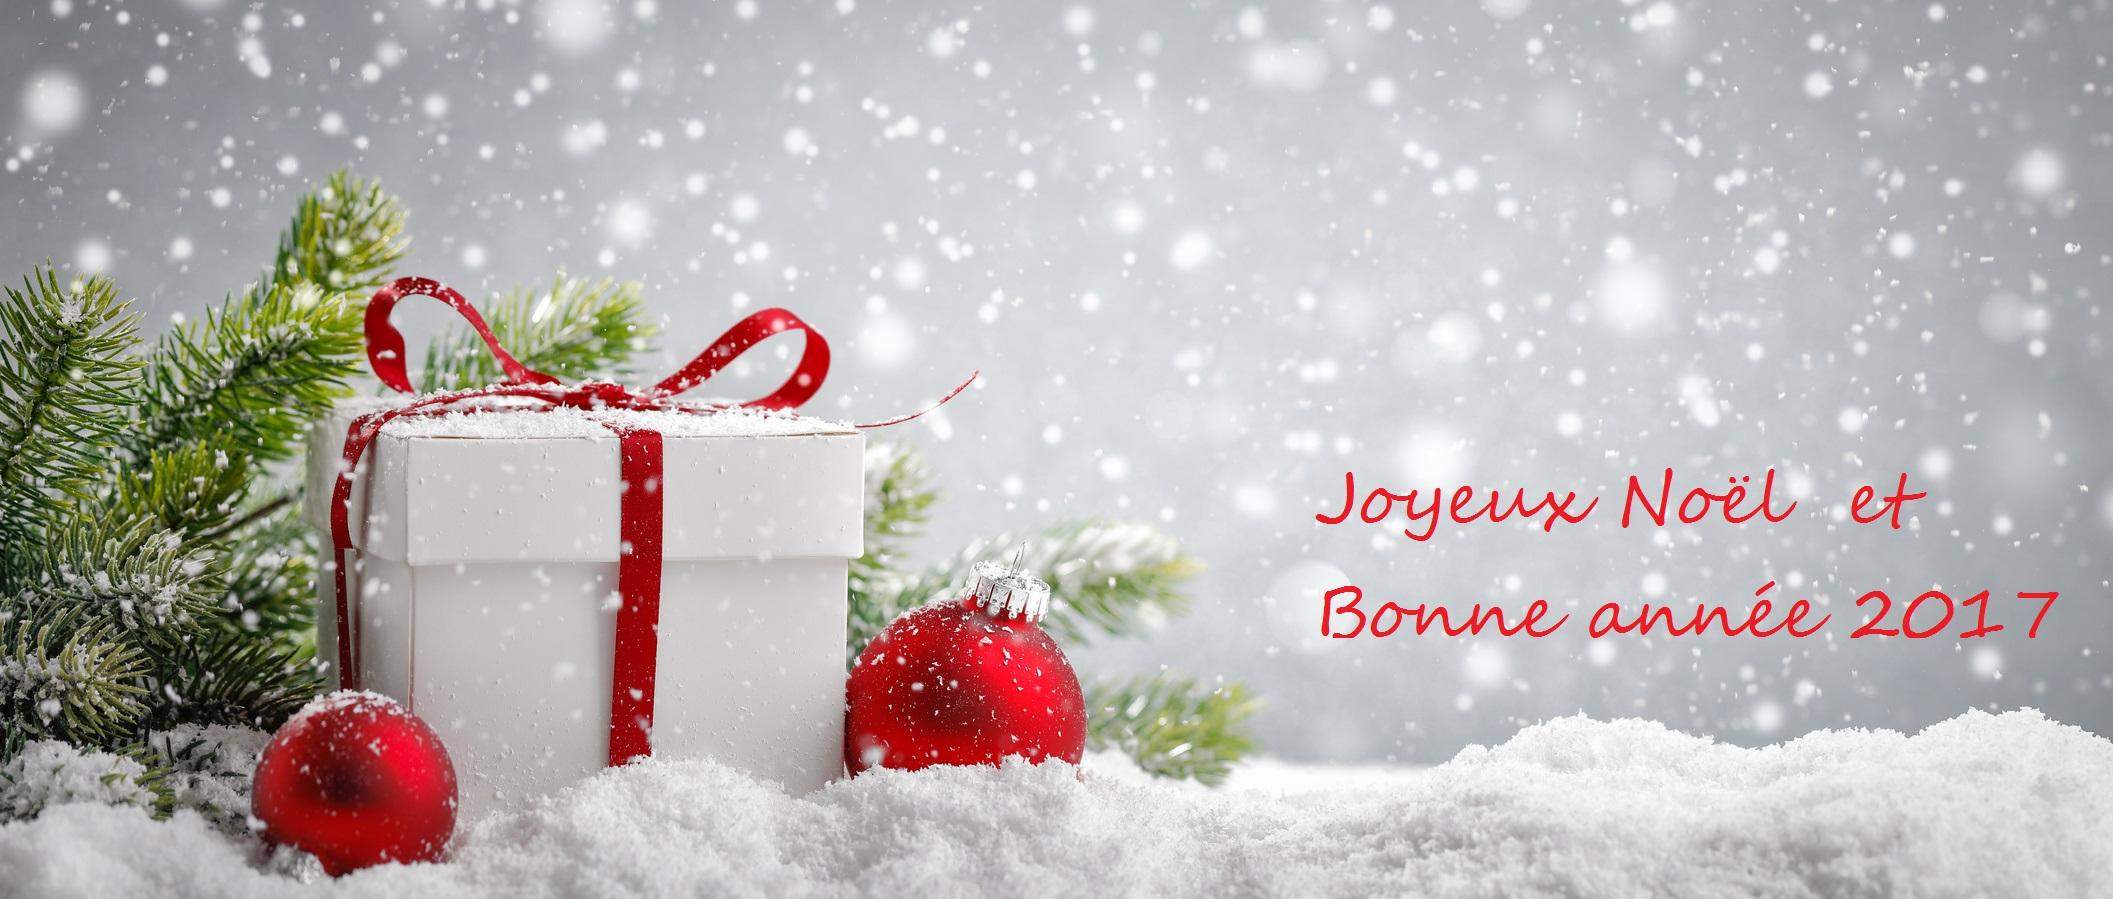 Photos De Joyeux Noel Et Bonne Annee.Joyeux Noel Et Bonne Annee 2017 Notre Experience En Micro